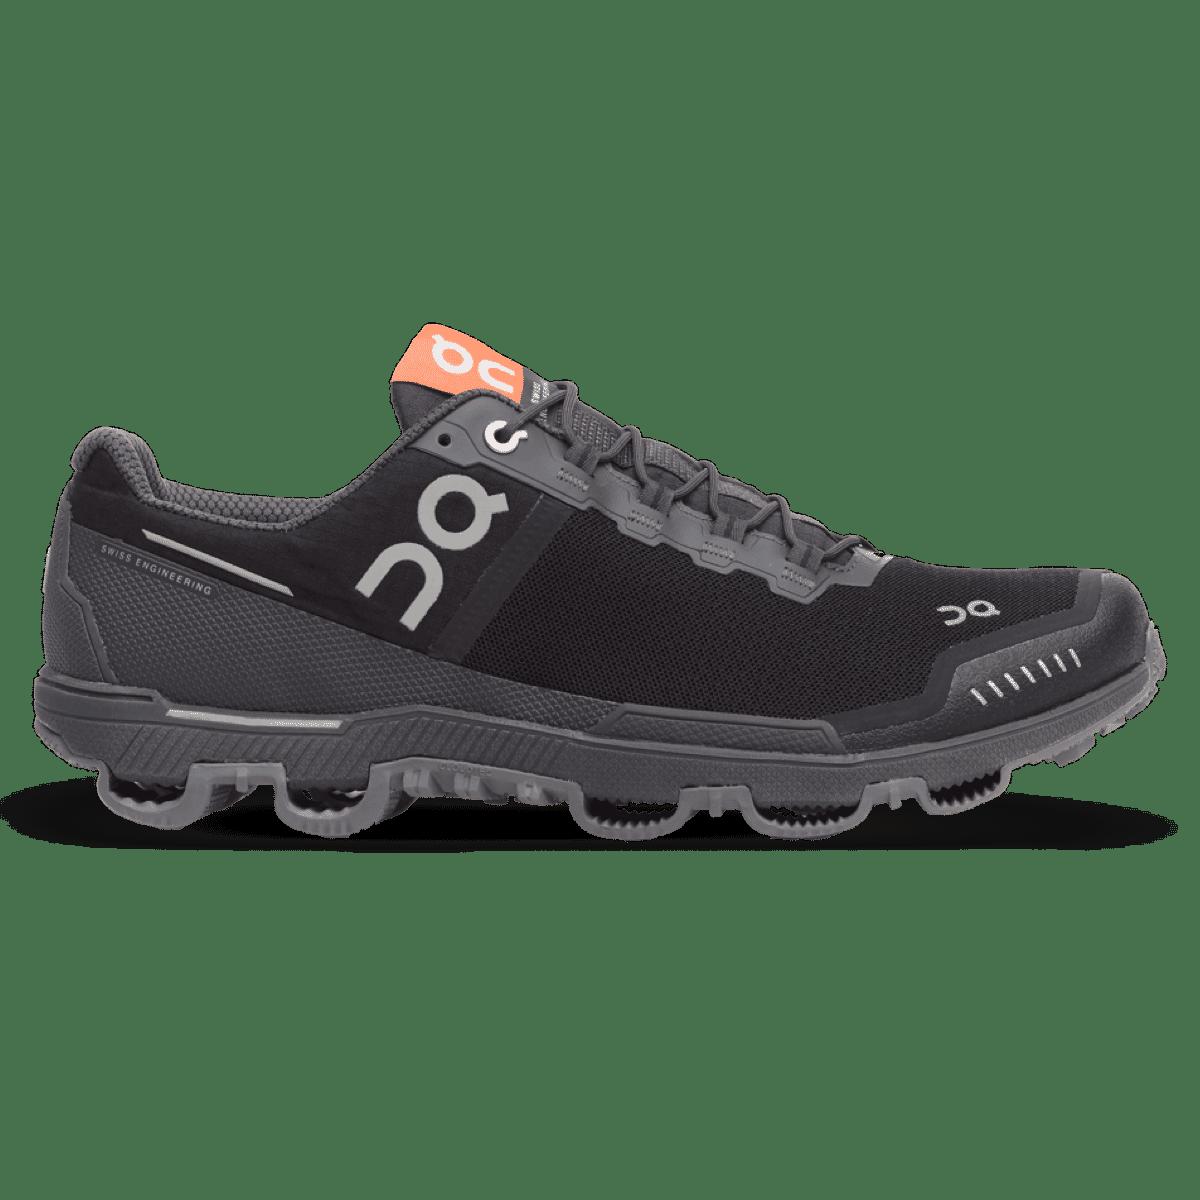 7aa57d8736 Waterproof Running Shoe - Cloudventure Waterproof